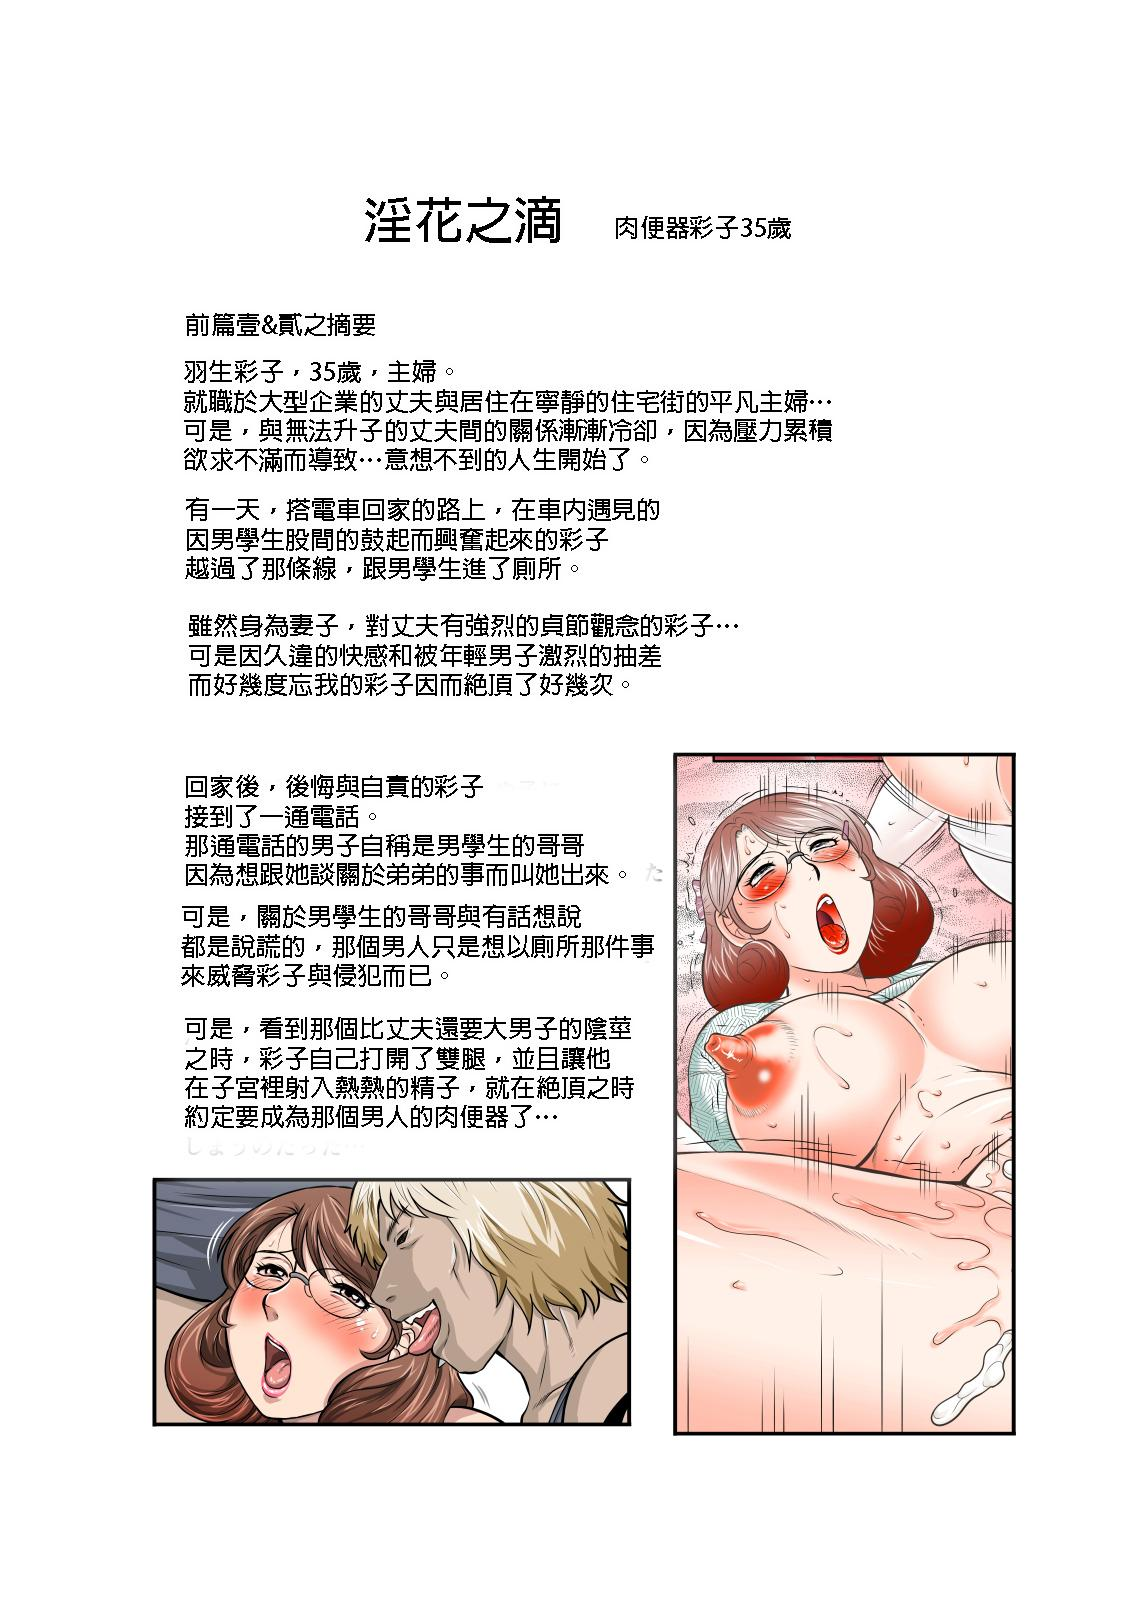 [Fuusen Club] Inka no Shizuku - Nikubenki Sayako 35-sai Sono San   淫花的綻放 [Chinese] [Digital] 1